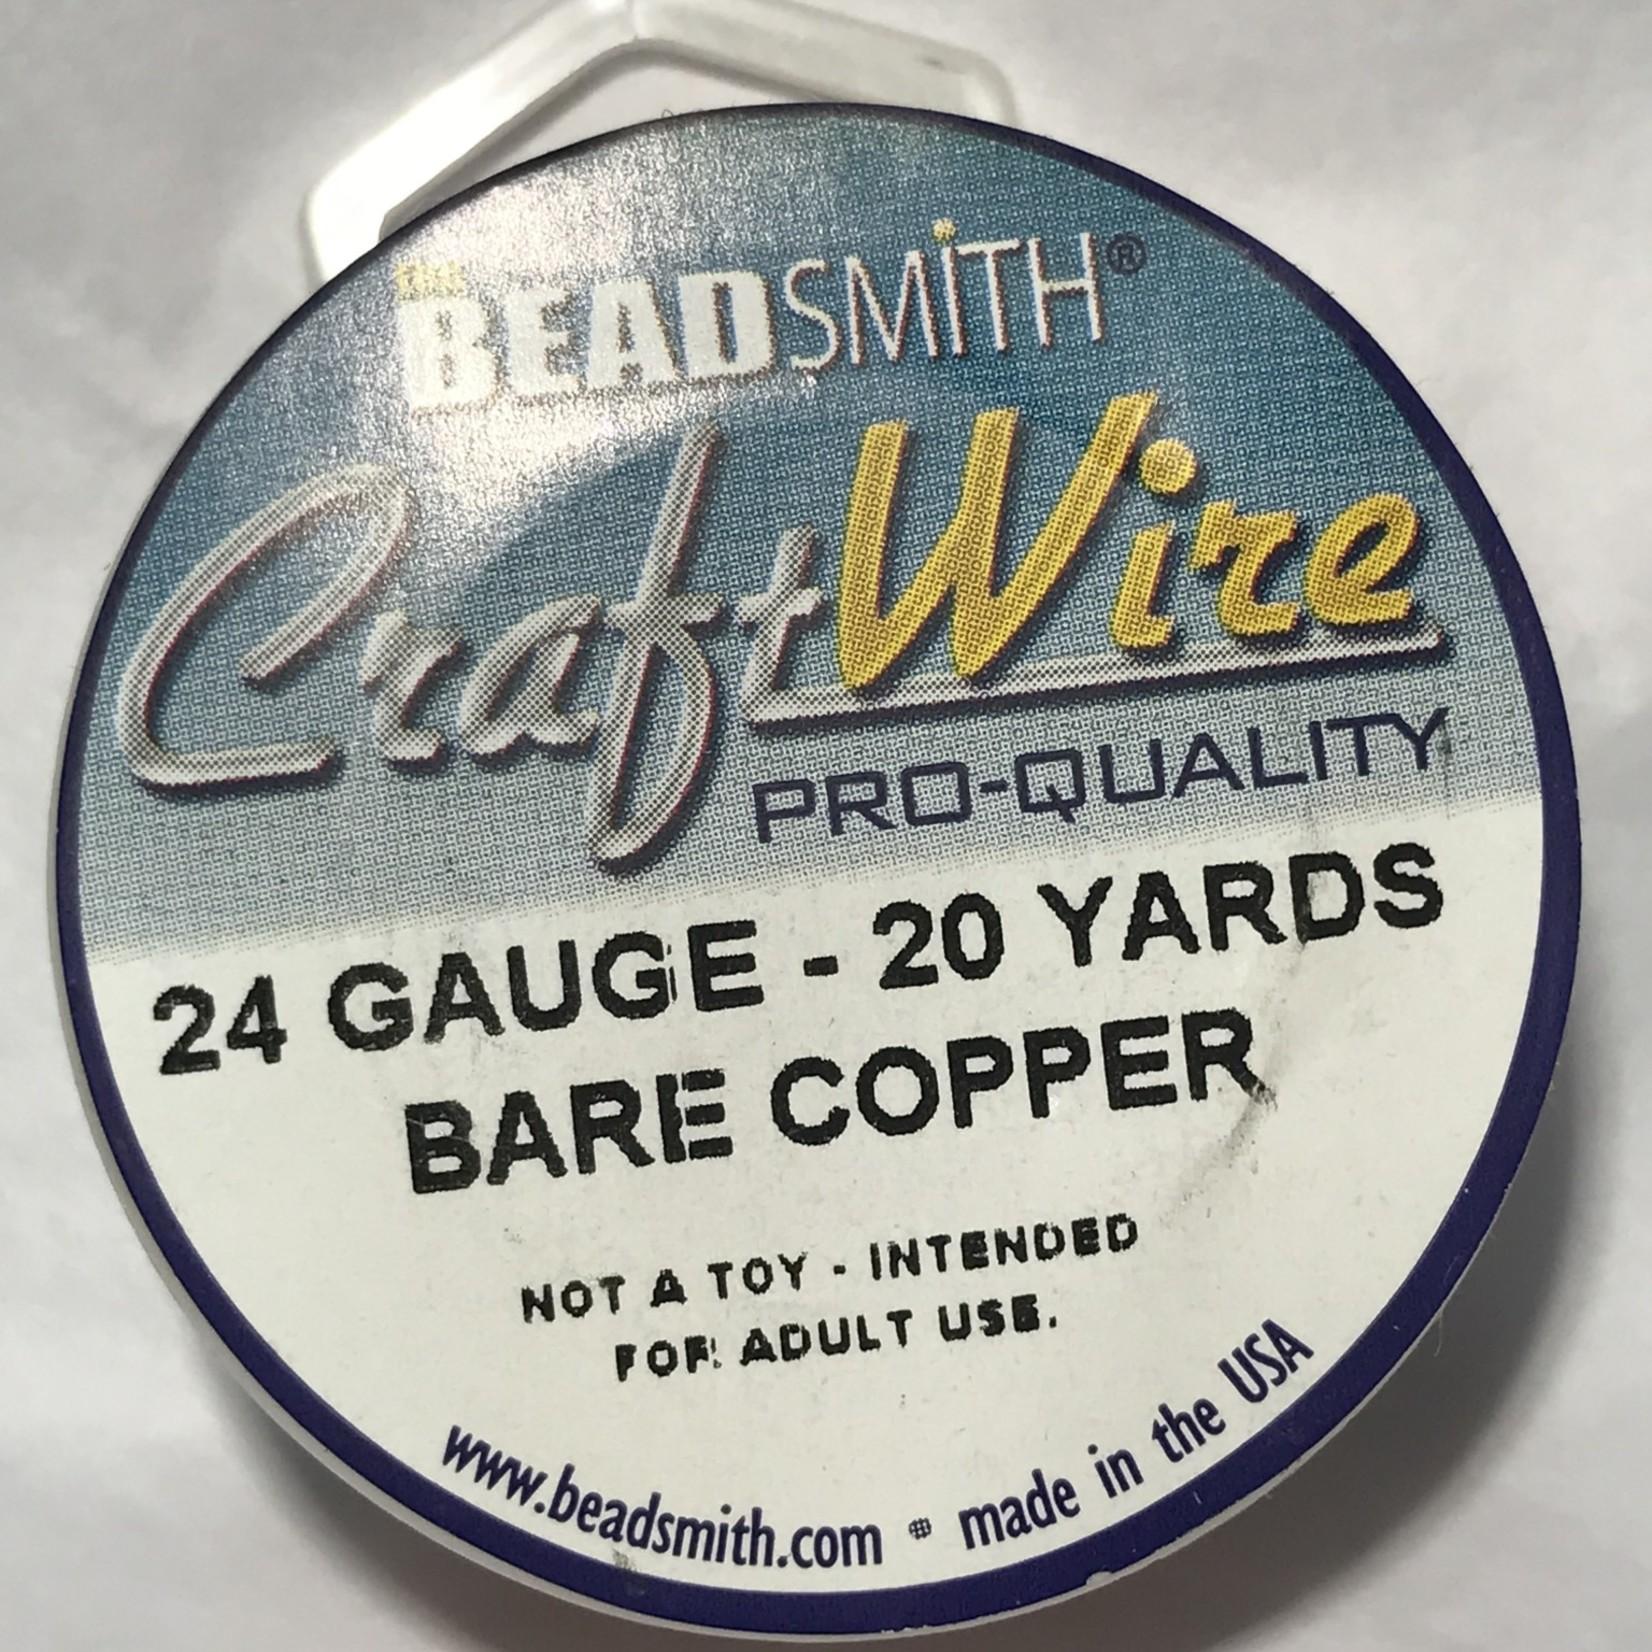 Bare Copper Wire - 24 Gauge Round 20 Yards